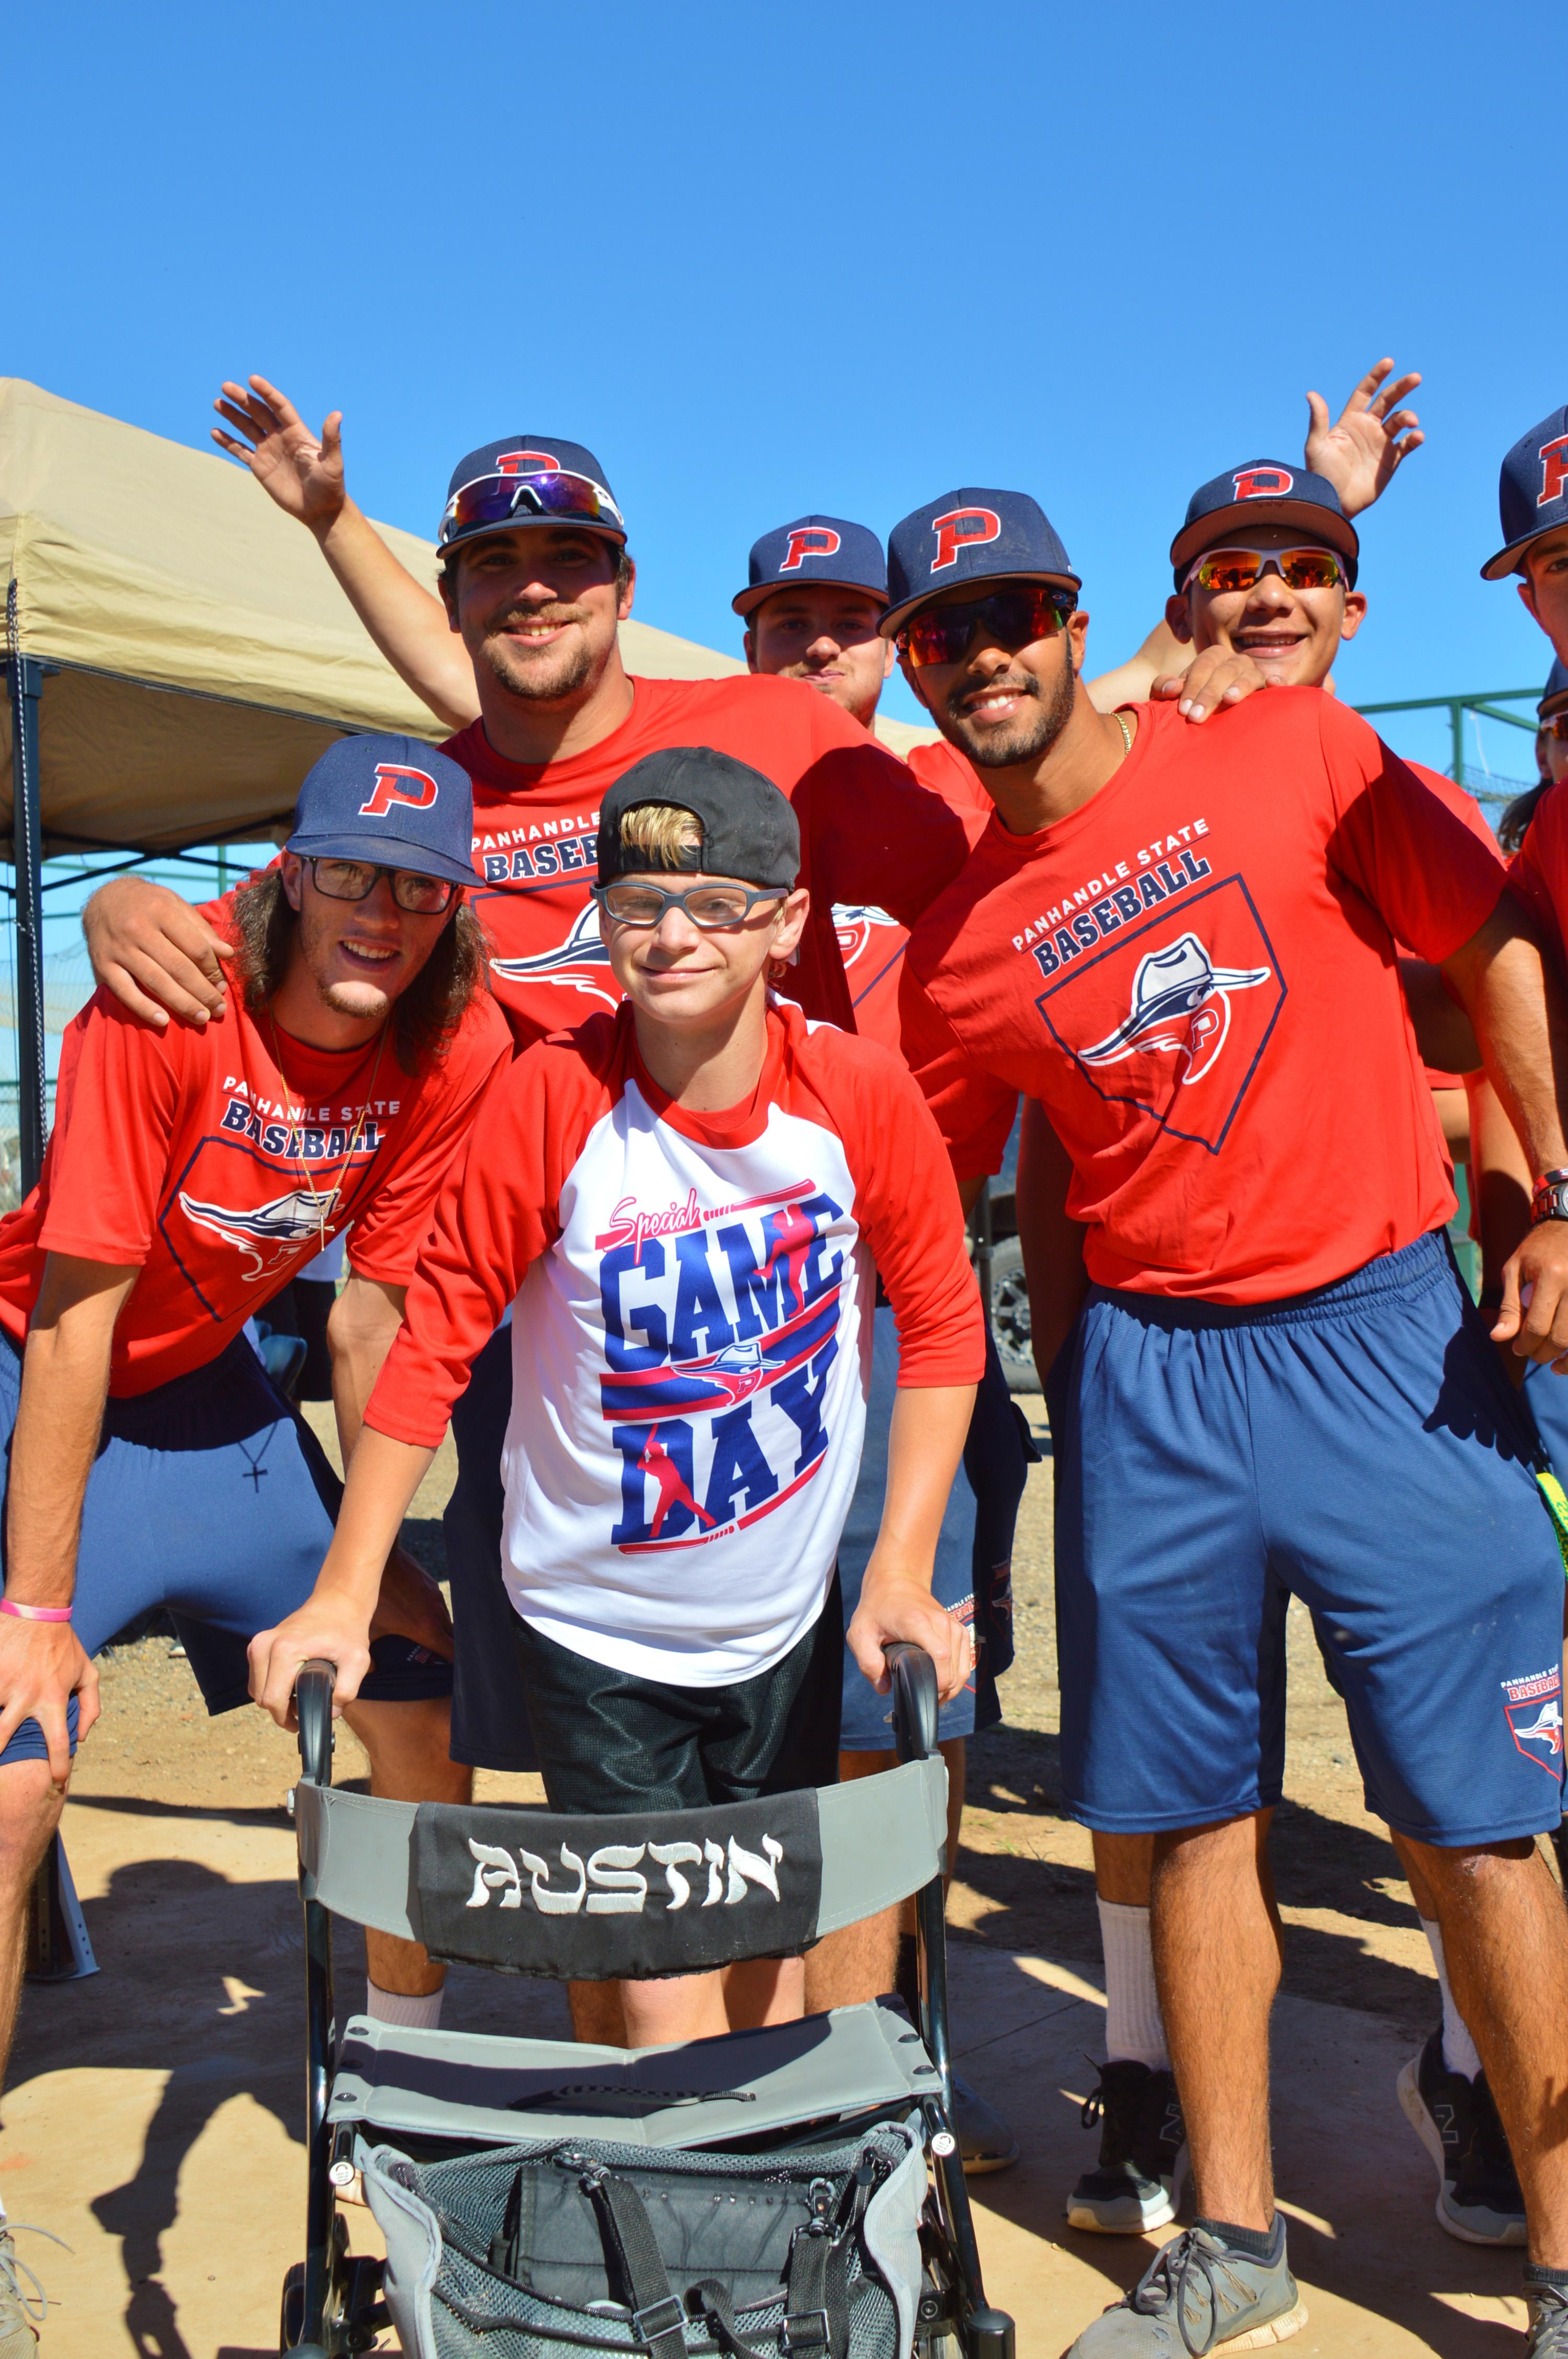 Austin and boys